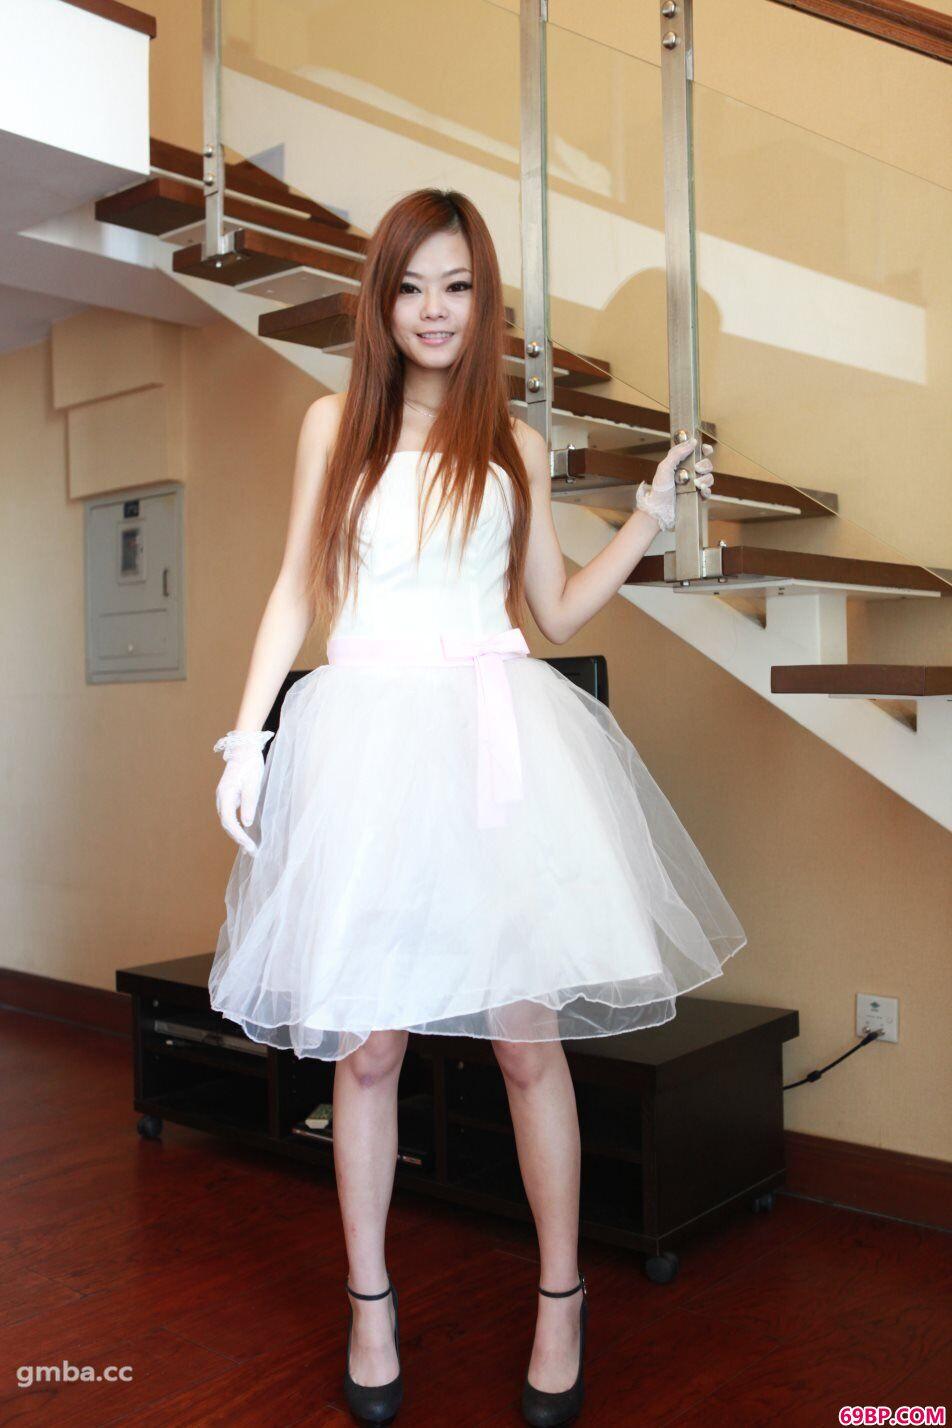 超模小雅约拍靓女新娘人体图片